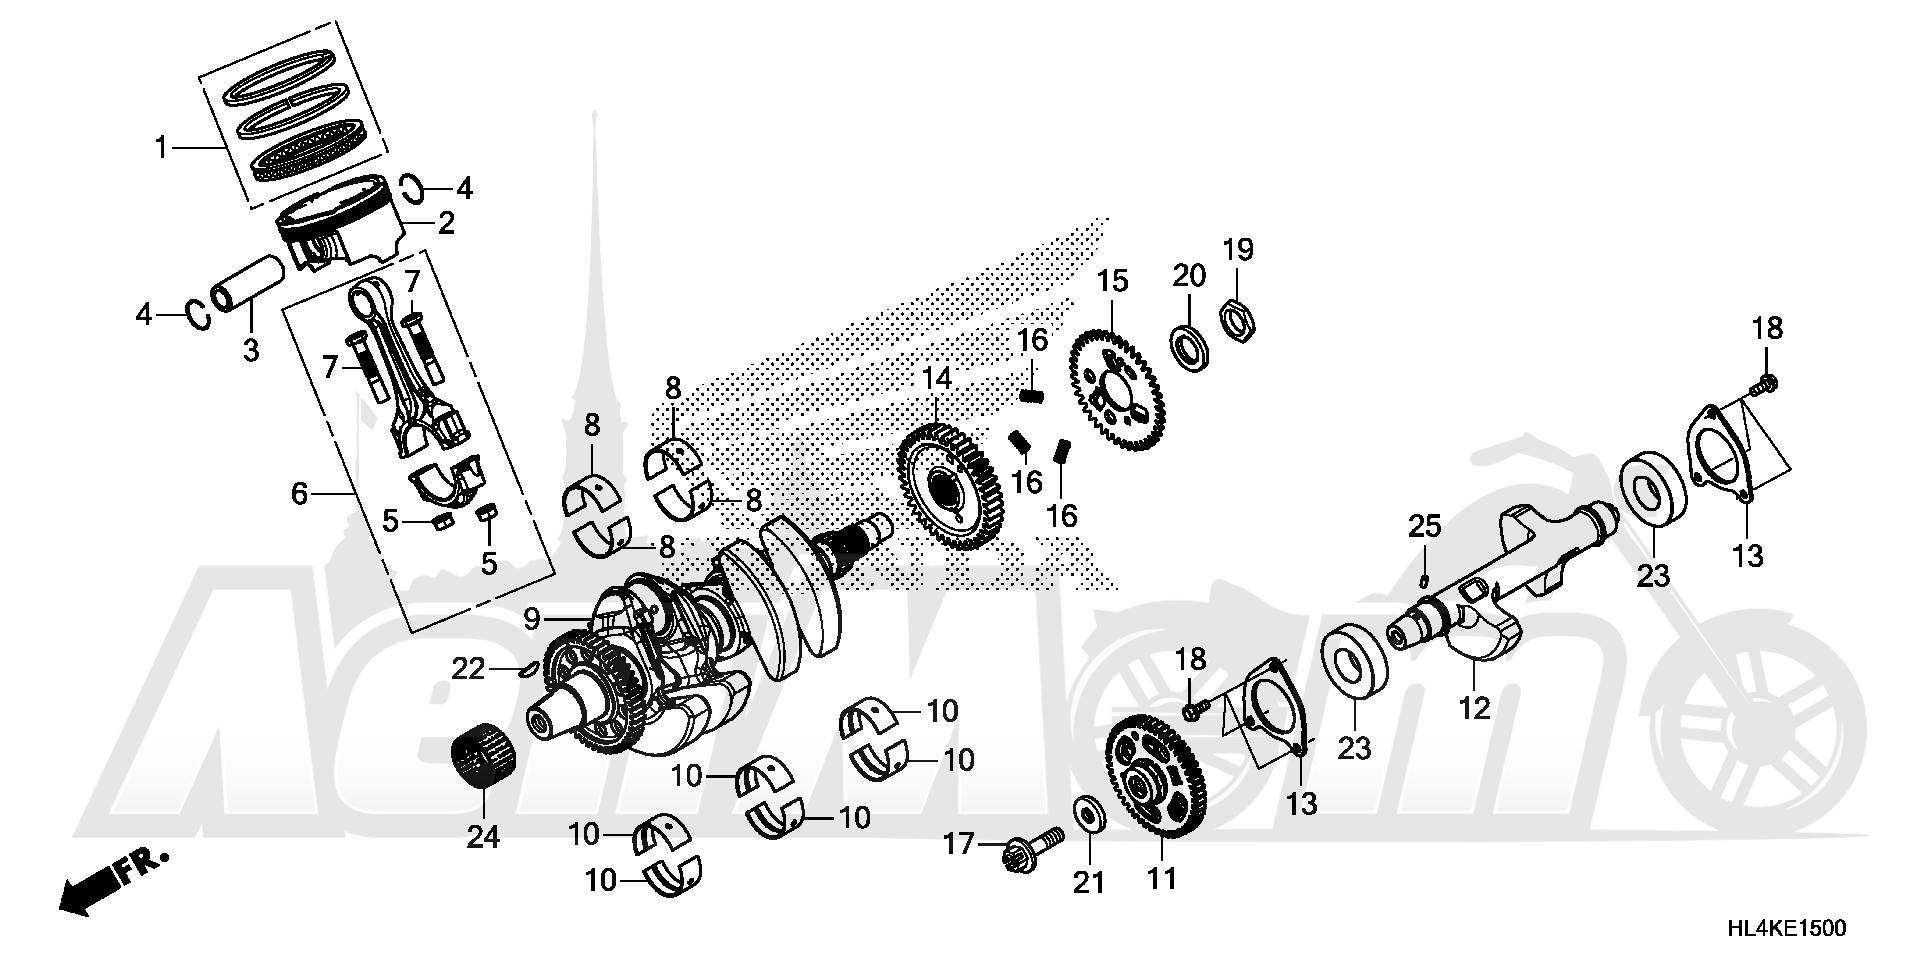 Запчасти для Квадроцикла Honda 2019 SXS1000M5L Раздел: CRANKSHAFT AND PISTON | коленвал и поршень